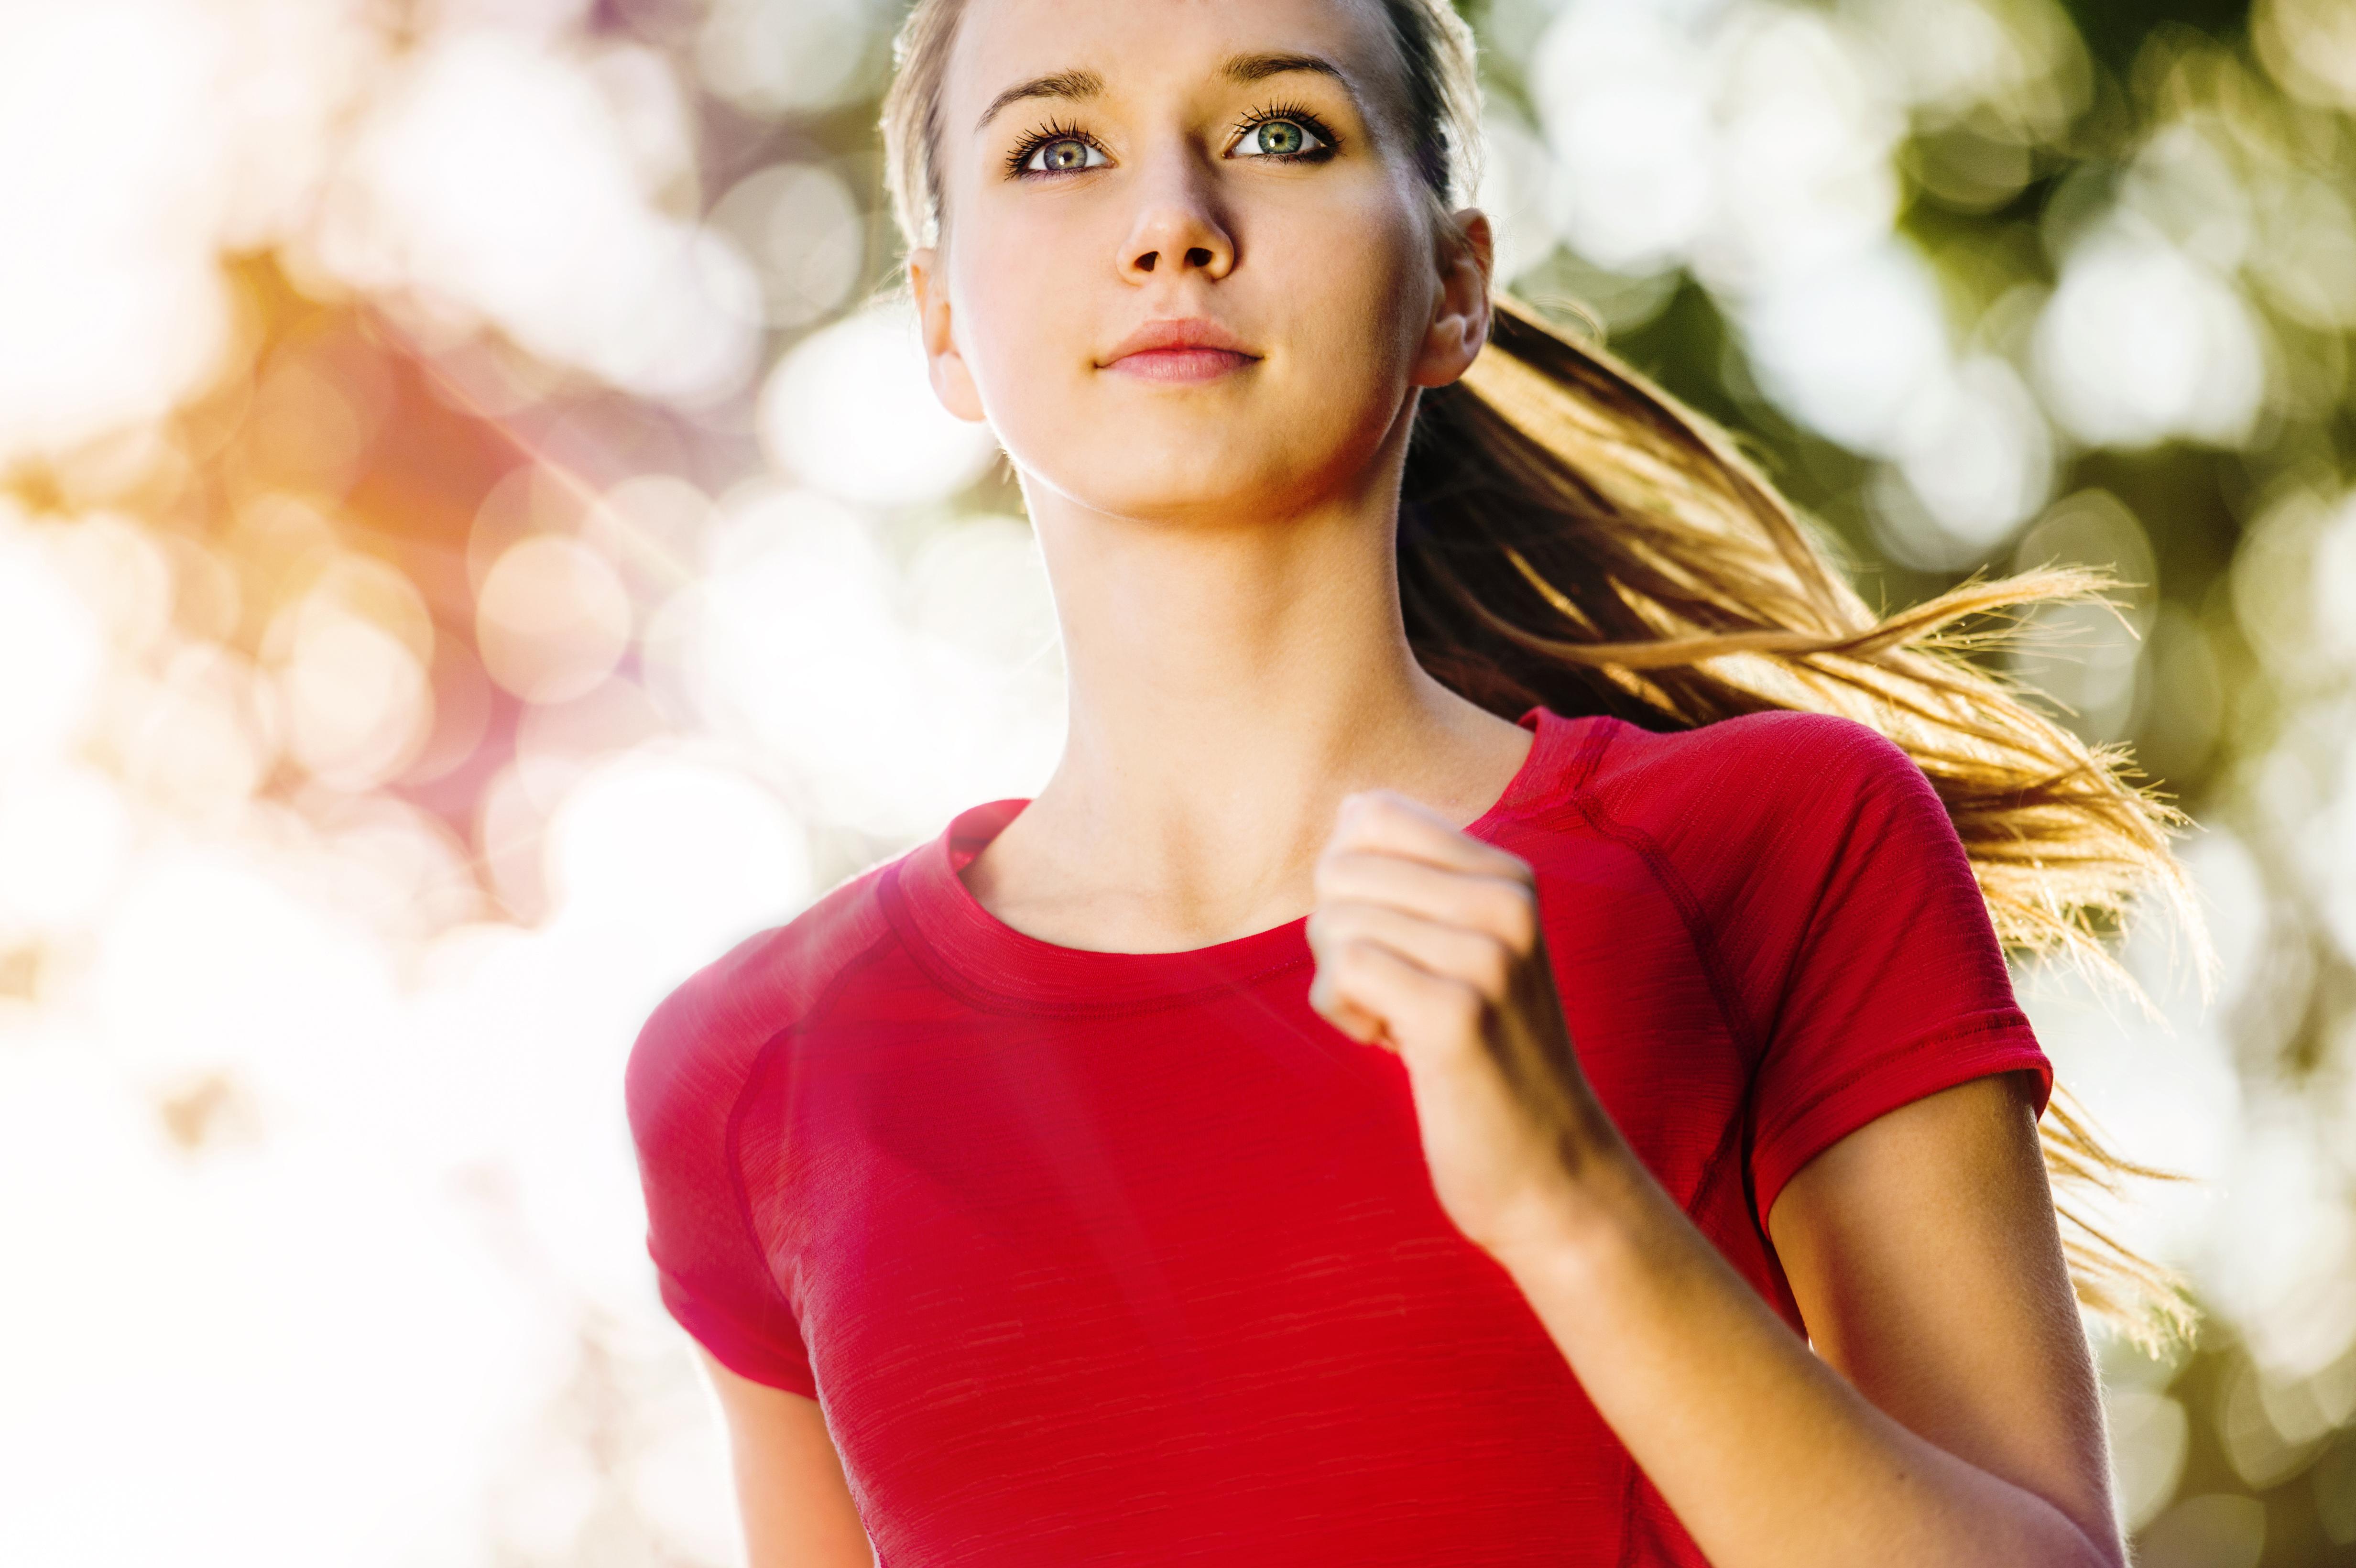 10 habitudes Sportives pour Muscler son Corps Efficacement